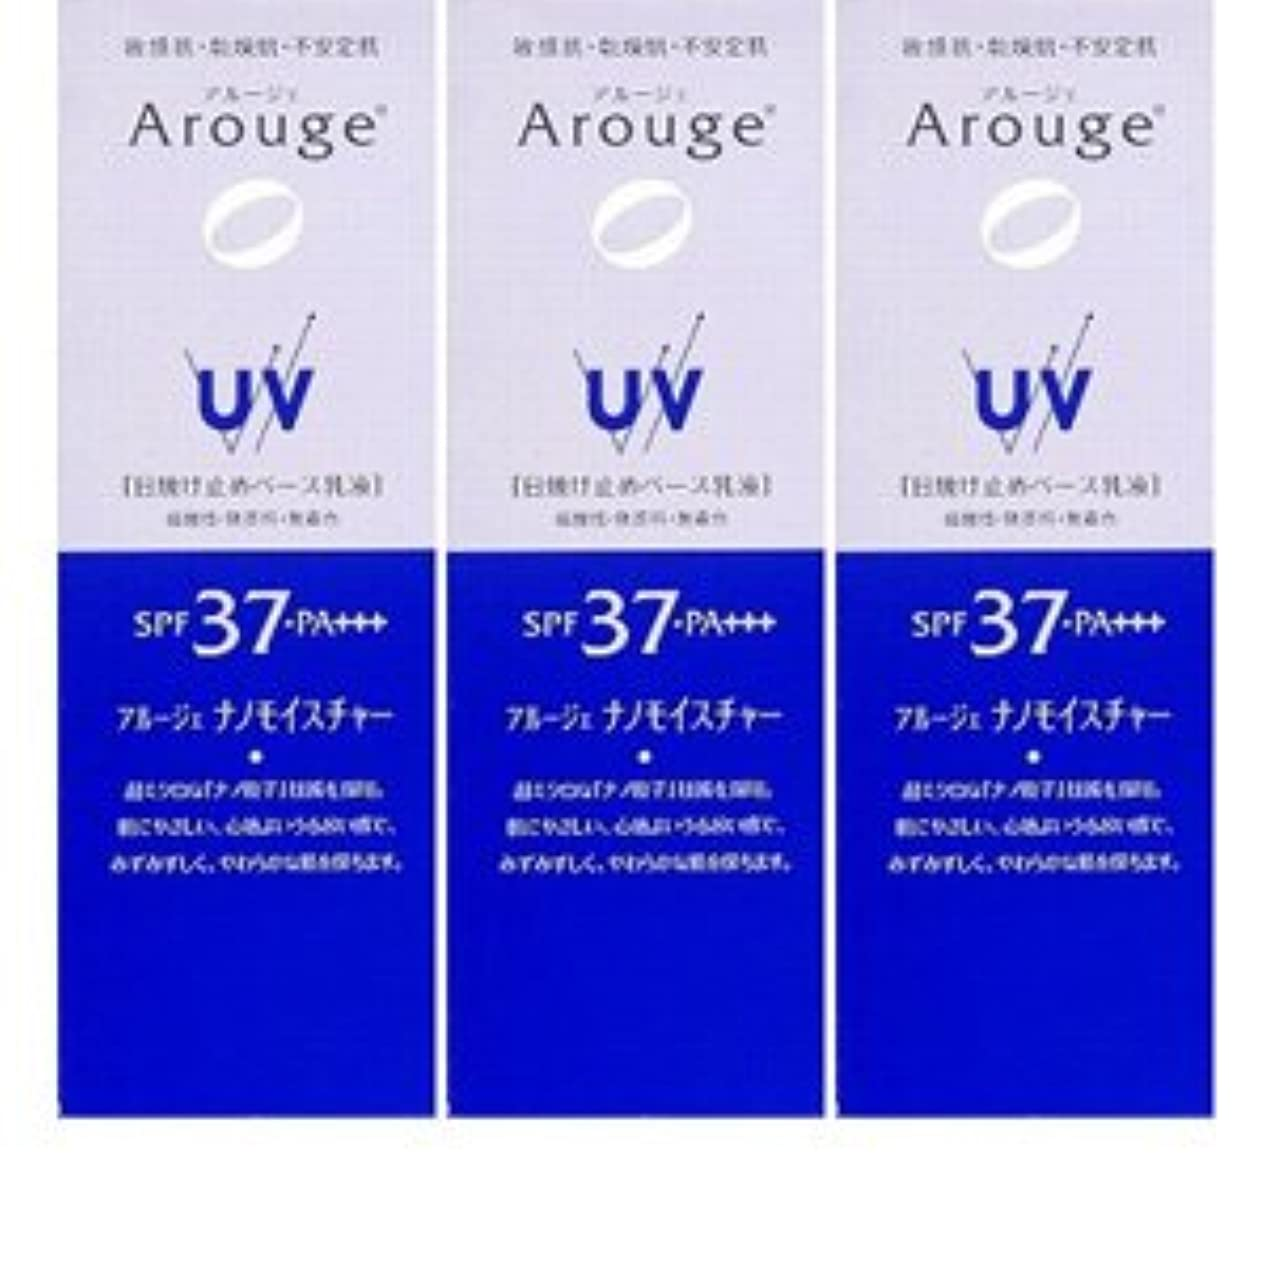 【3個】アルージェ UVプロテクトビューティーアップ 25gx3個(4987305952912)